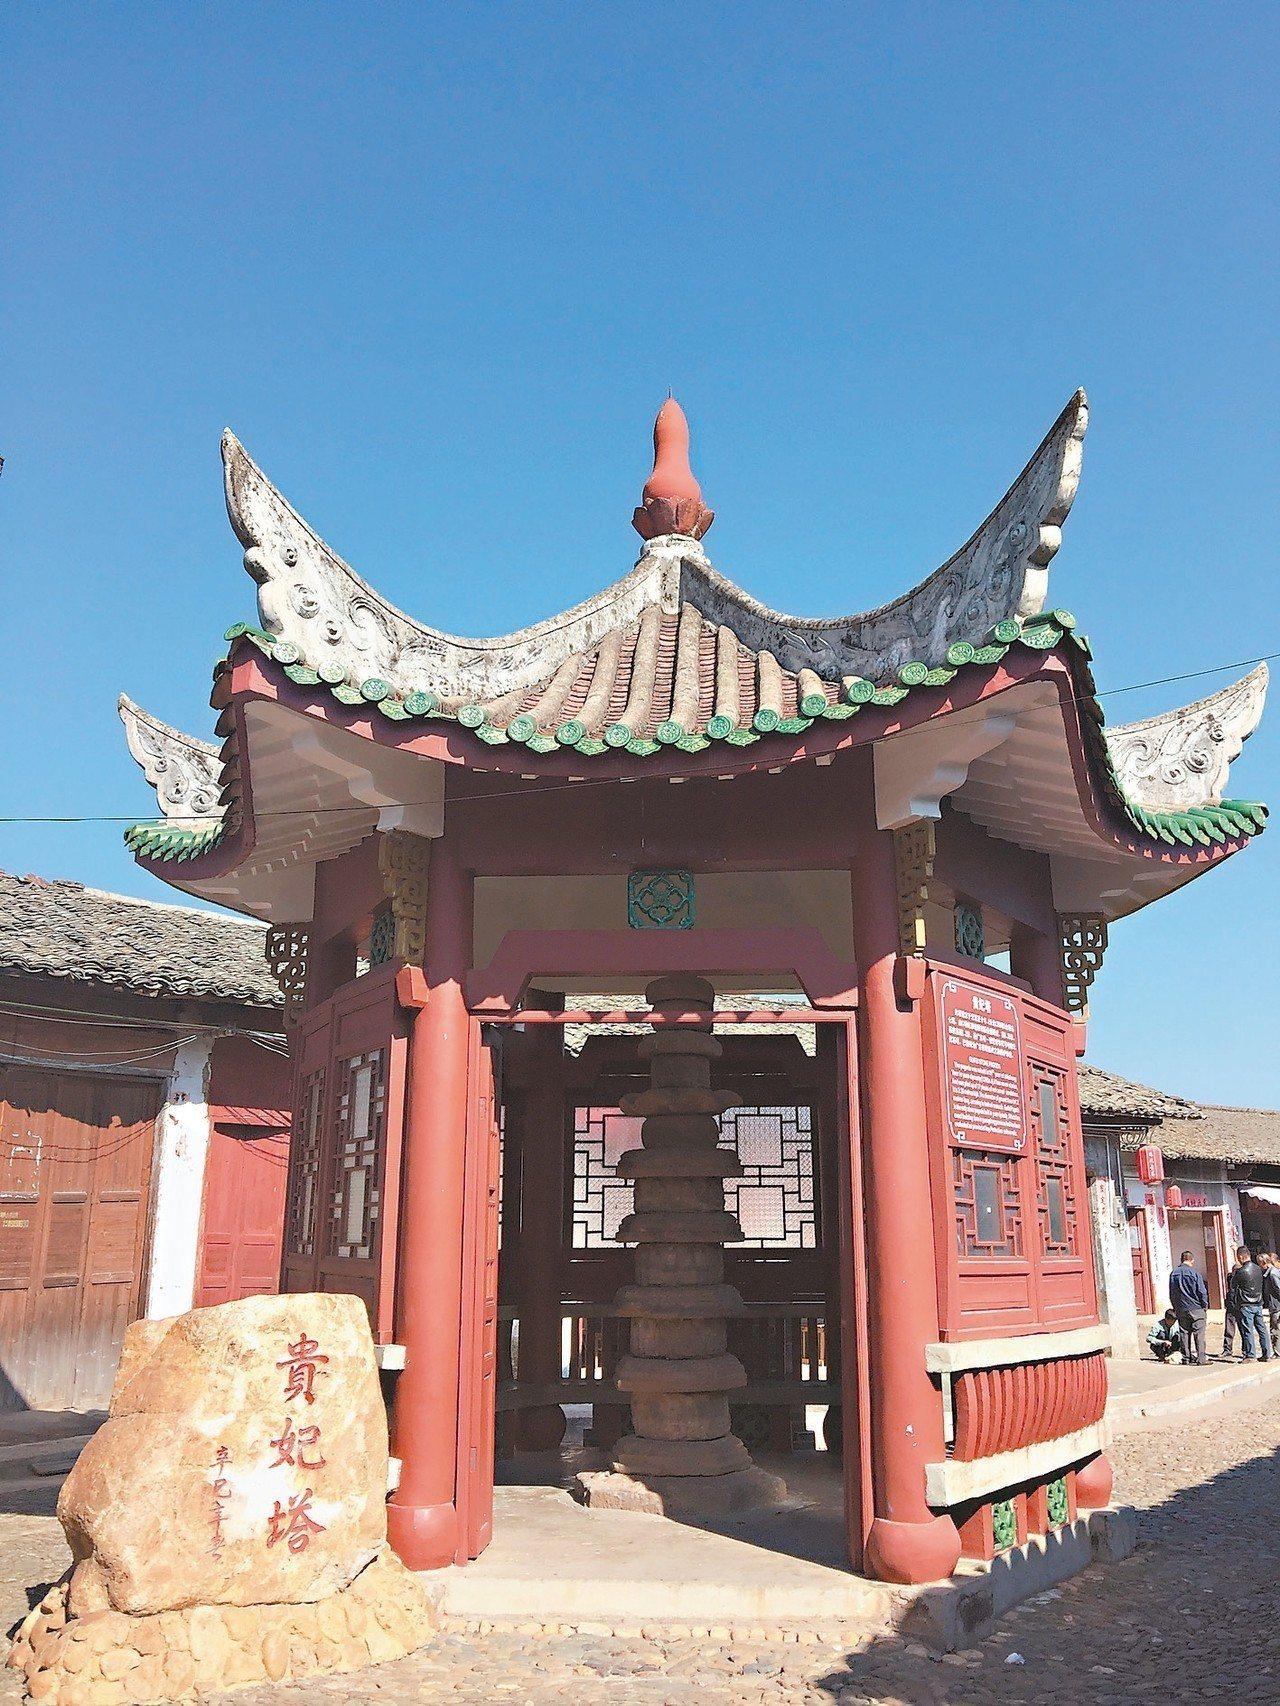 珠璣巷貴妃塔,是廣東唯一有年代記載的元代石塔。記者汪莉絹/攝影